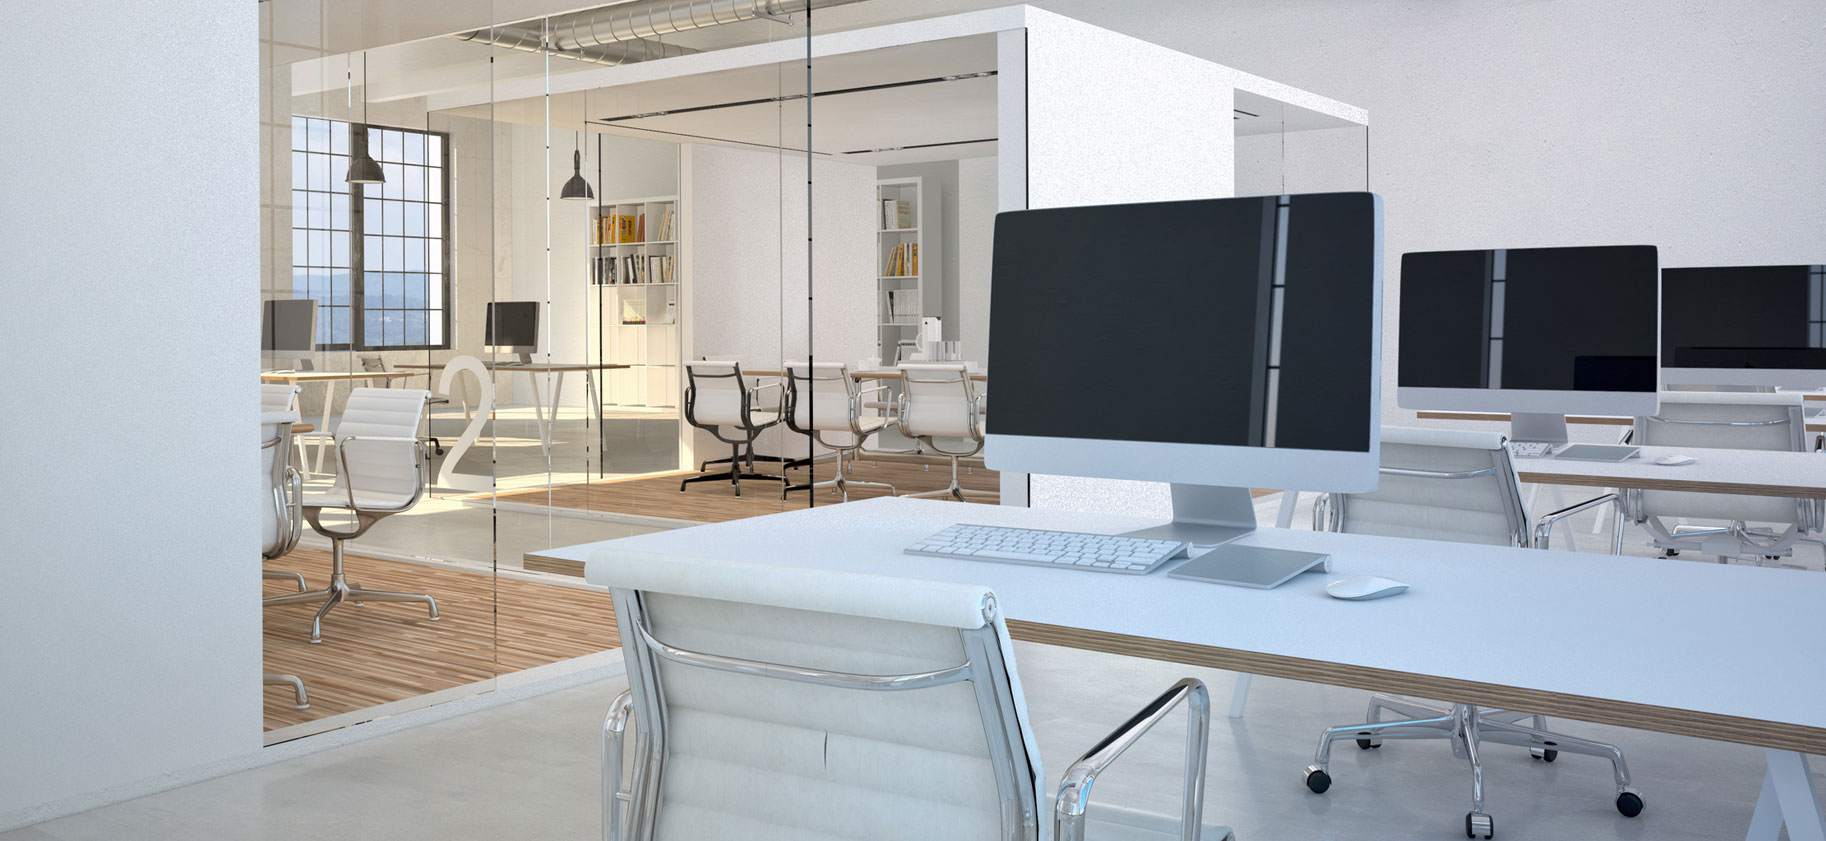 Großraumbüro mit iMacs